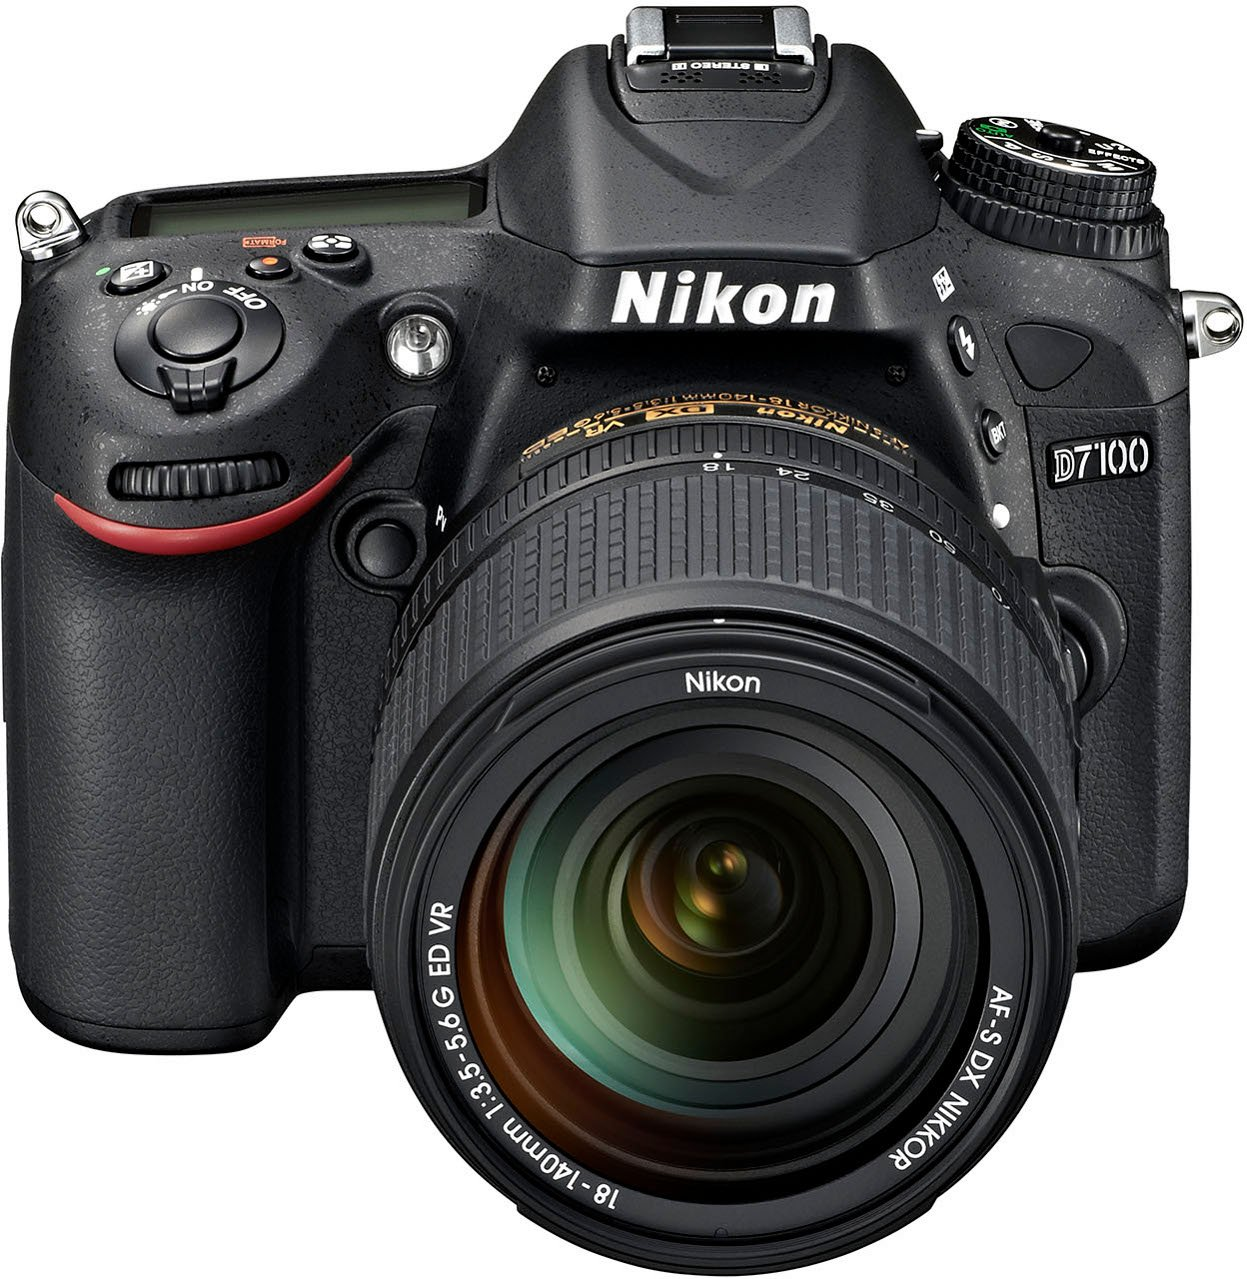 Nikon D7100 Slr Digitalkamera 32 Zoll Kit Inkl D5600 Af P 18 55mm Vr Paket Kamera